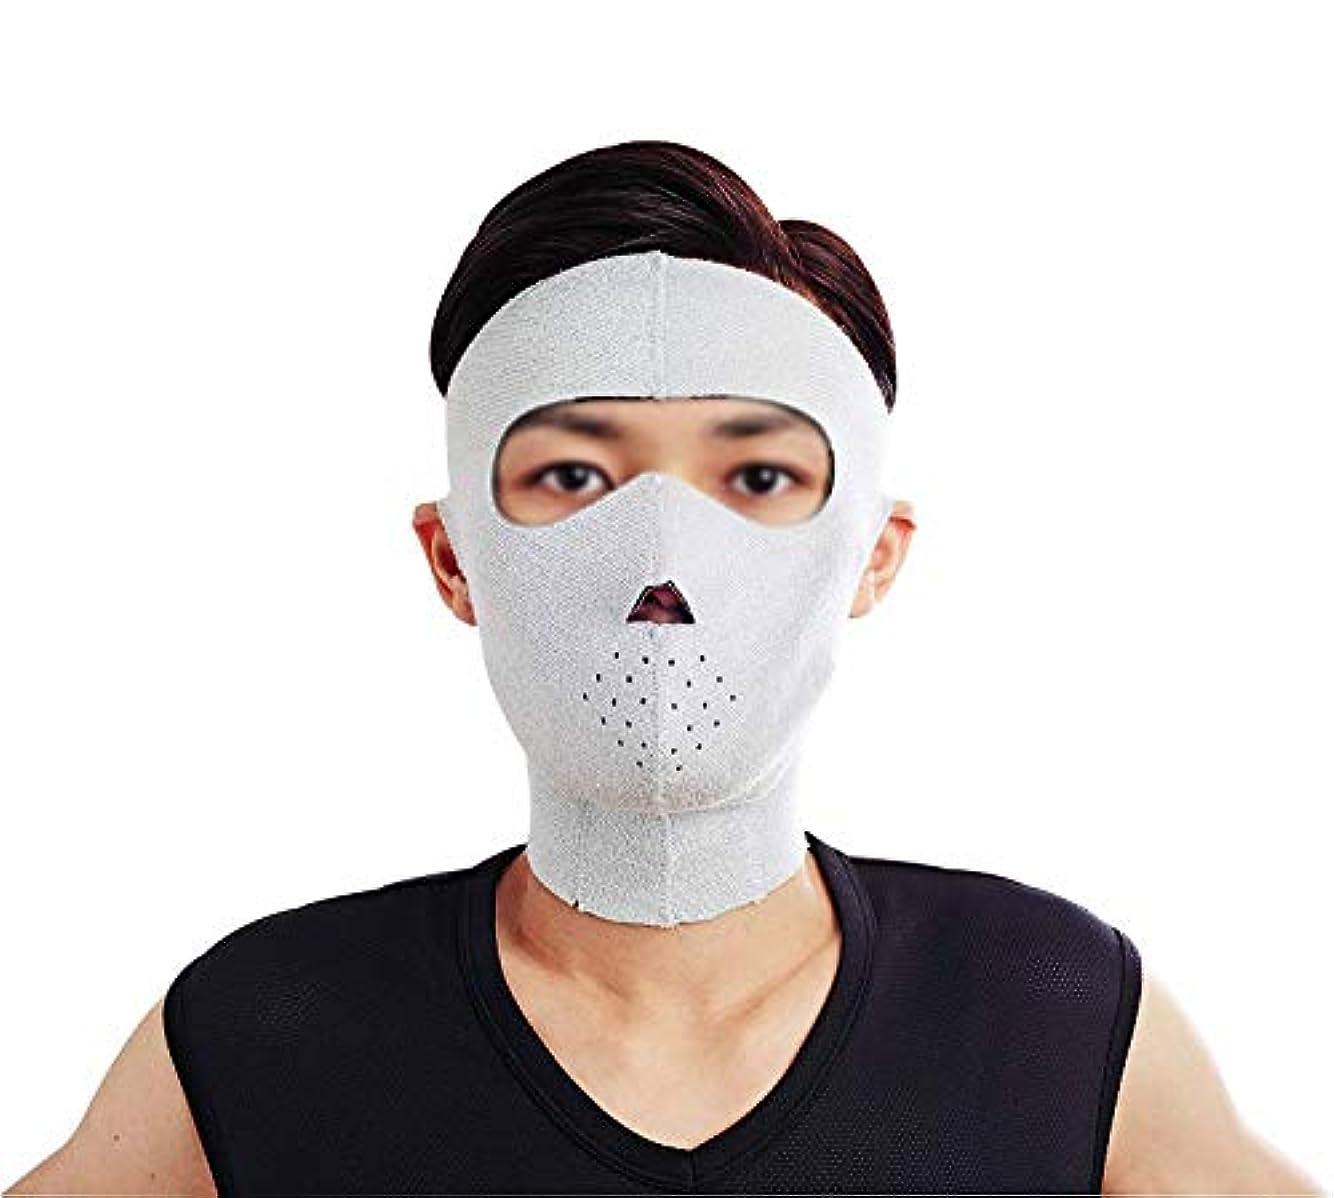 未満残りホバーTLMY 薄い顔のマスクのマスクと男性のネックバンドとの垂れ下がり防止の薄い顔のマスクの薄い顔のマスクのアーチファクトの美しさを引き締め 顔用整形マスク